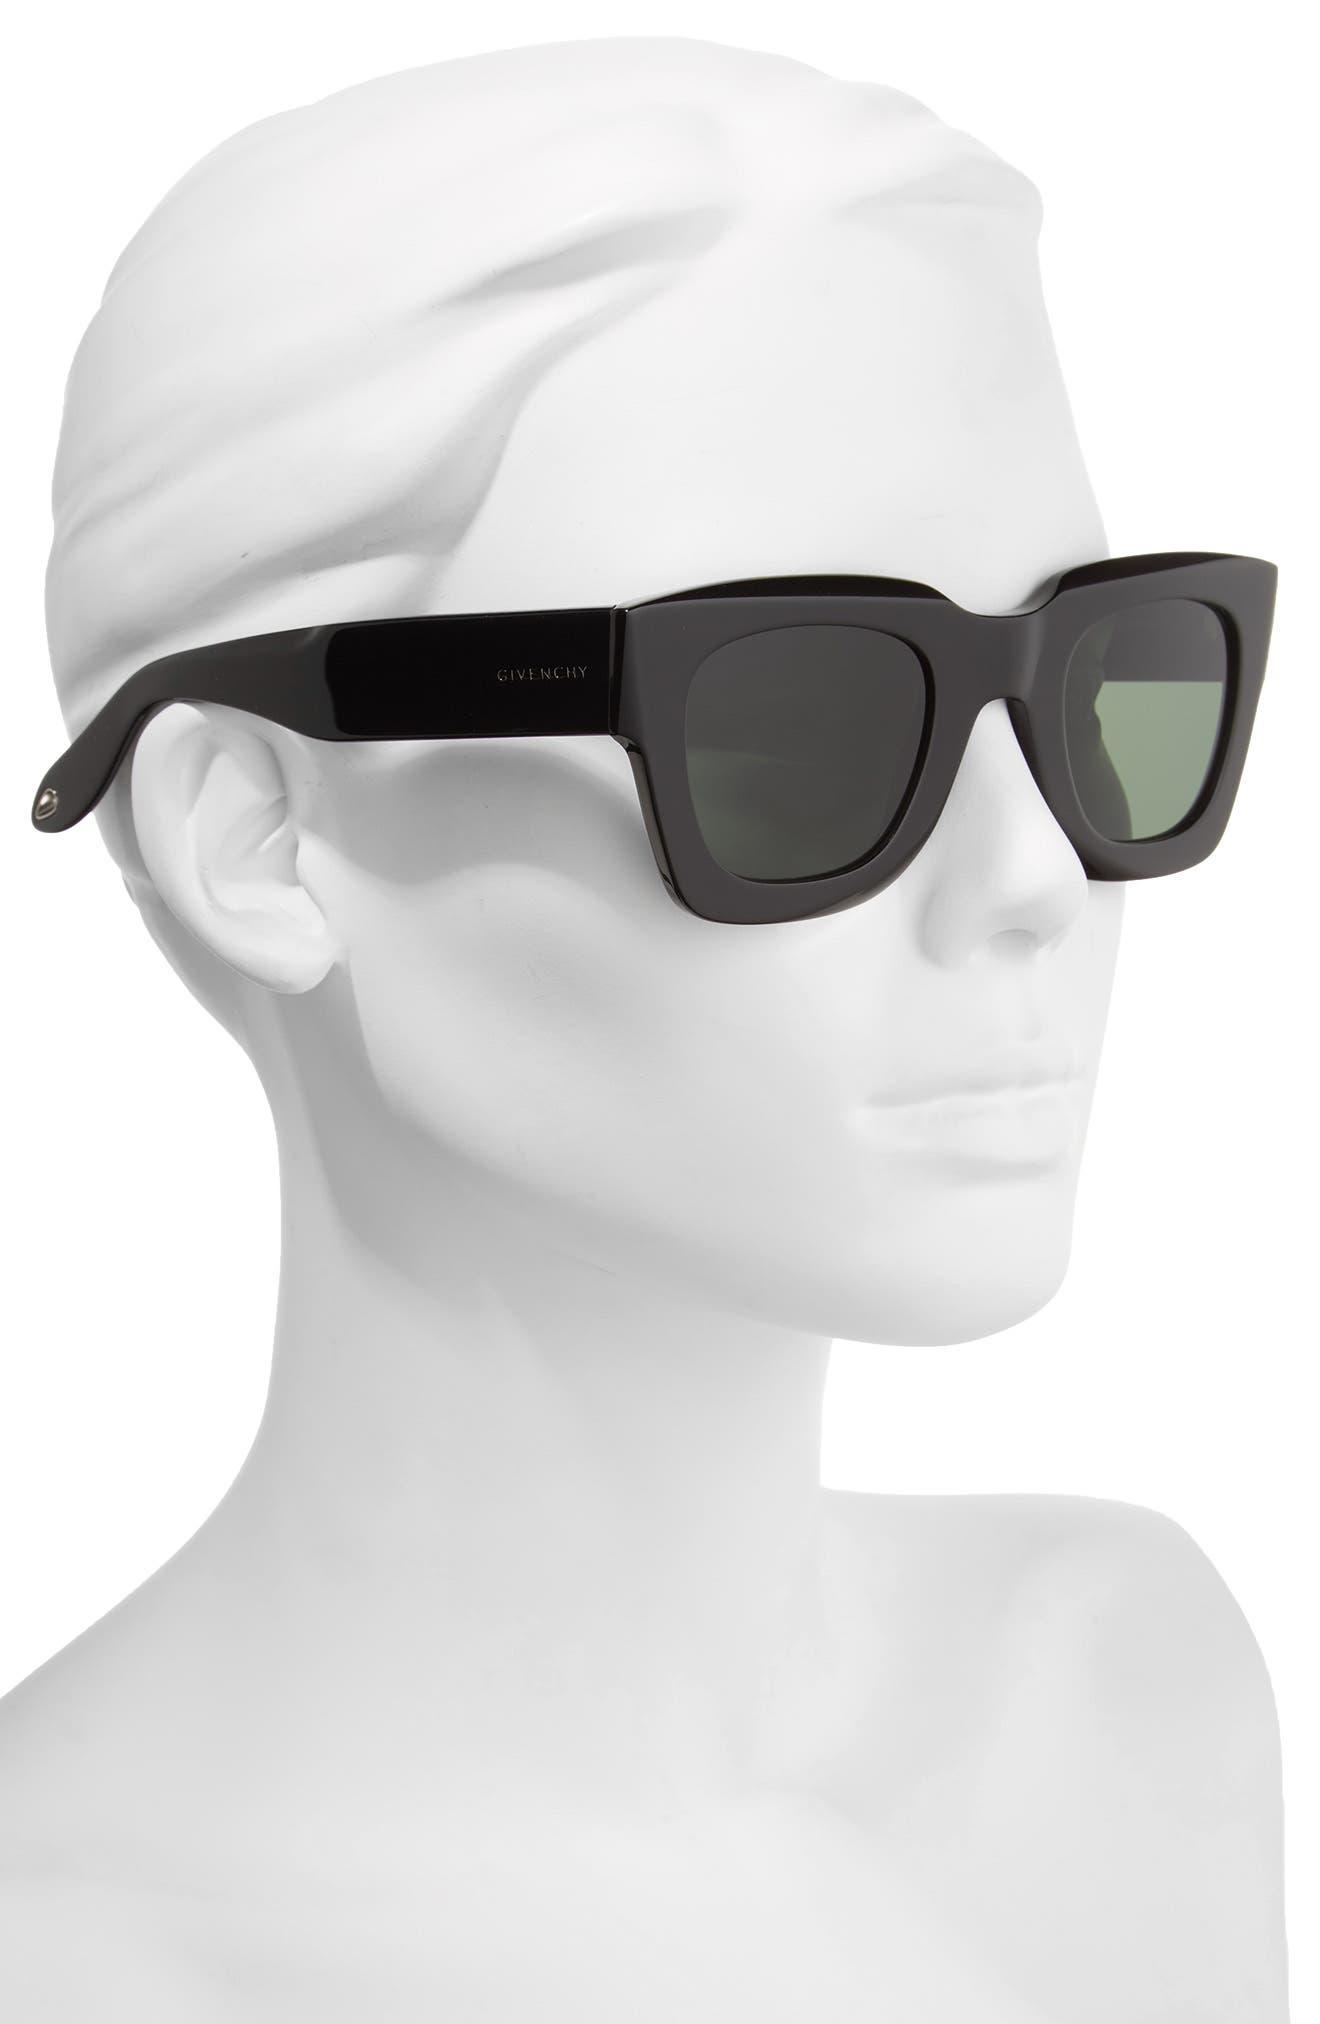 48mm Square Sunglasses,                             Alternate thumbnail 2, color,                             Black